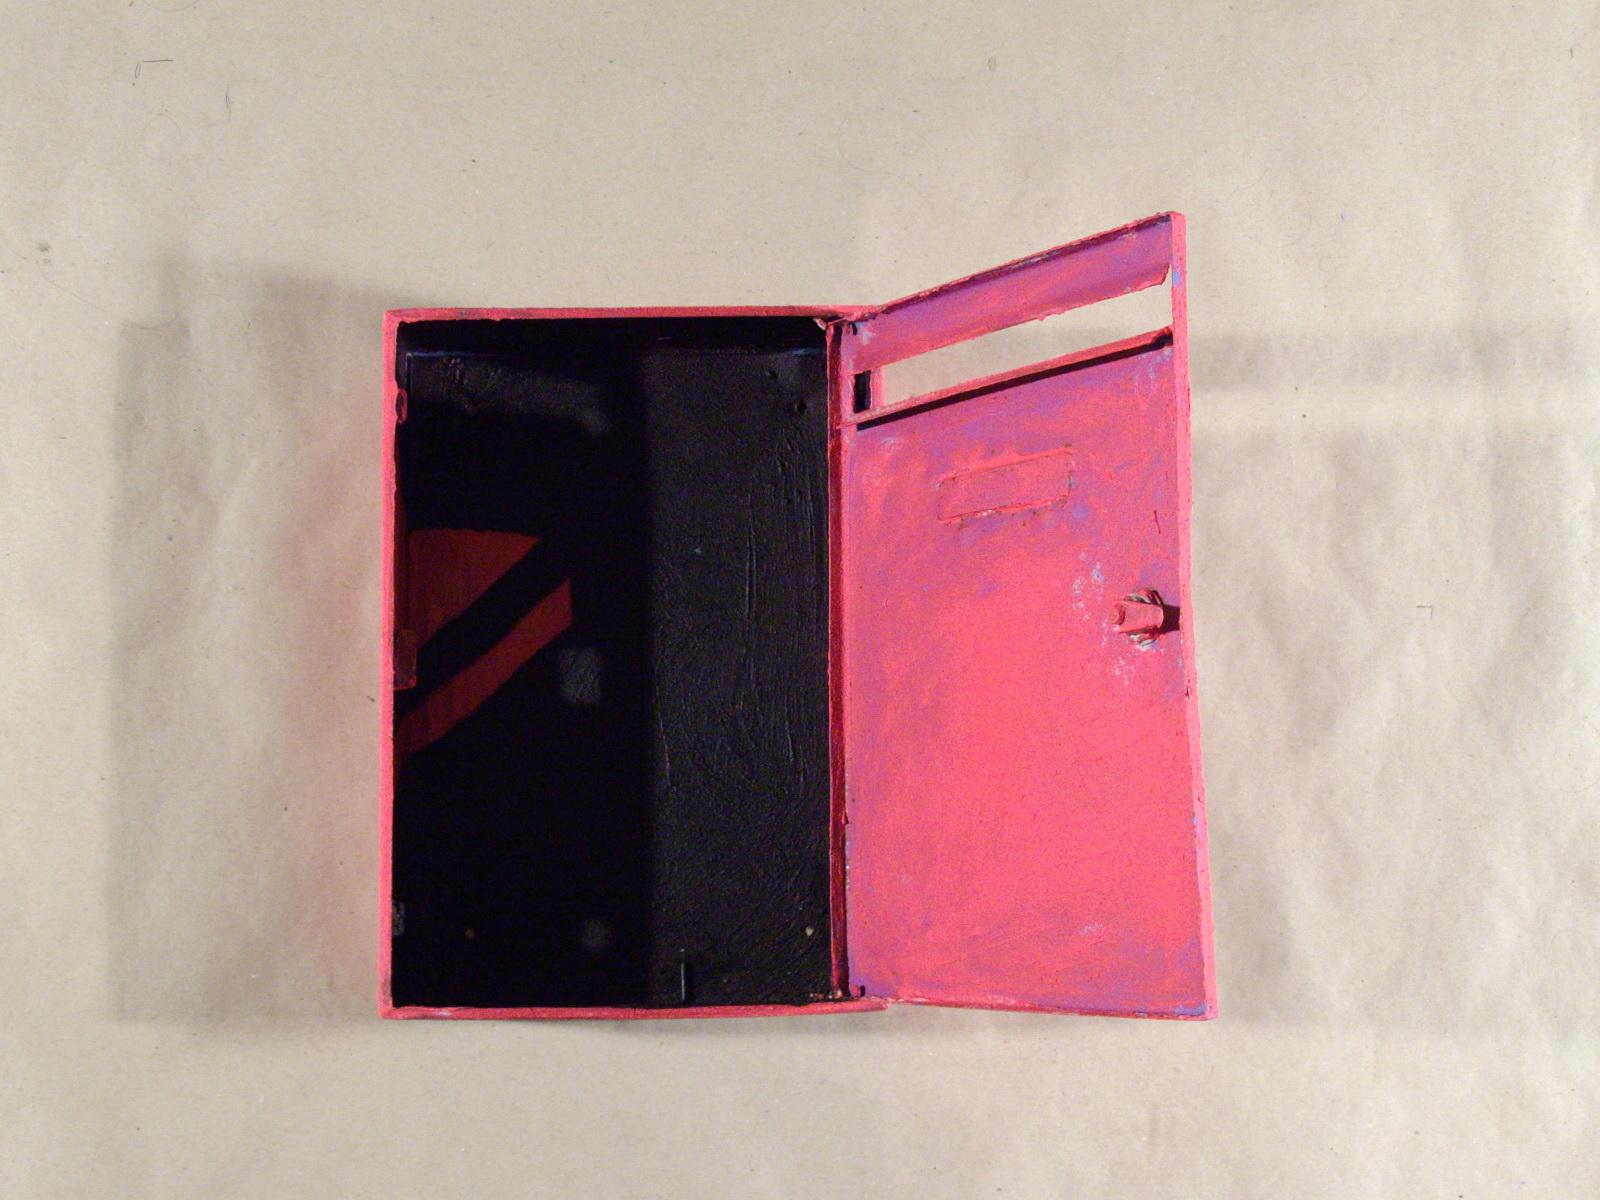 Stille Post / Acryl auf Metallkasten / 38 cm hoch x 27 cm breit, 9 cm tief; offen 39 cm tief / 2009 / MWV 736